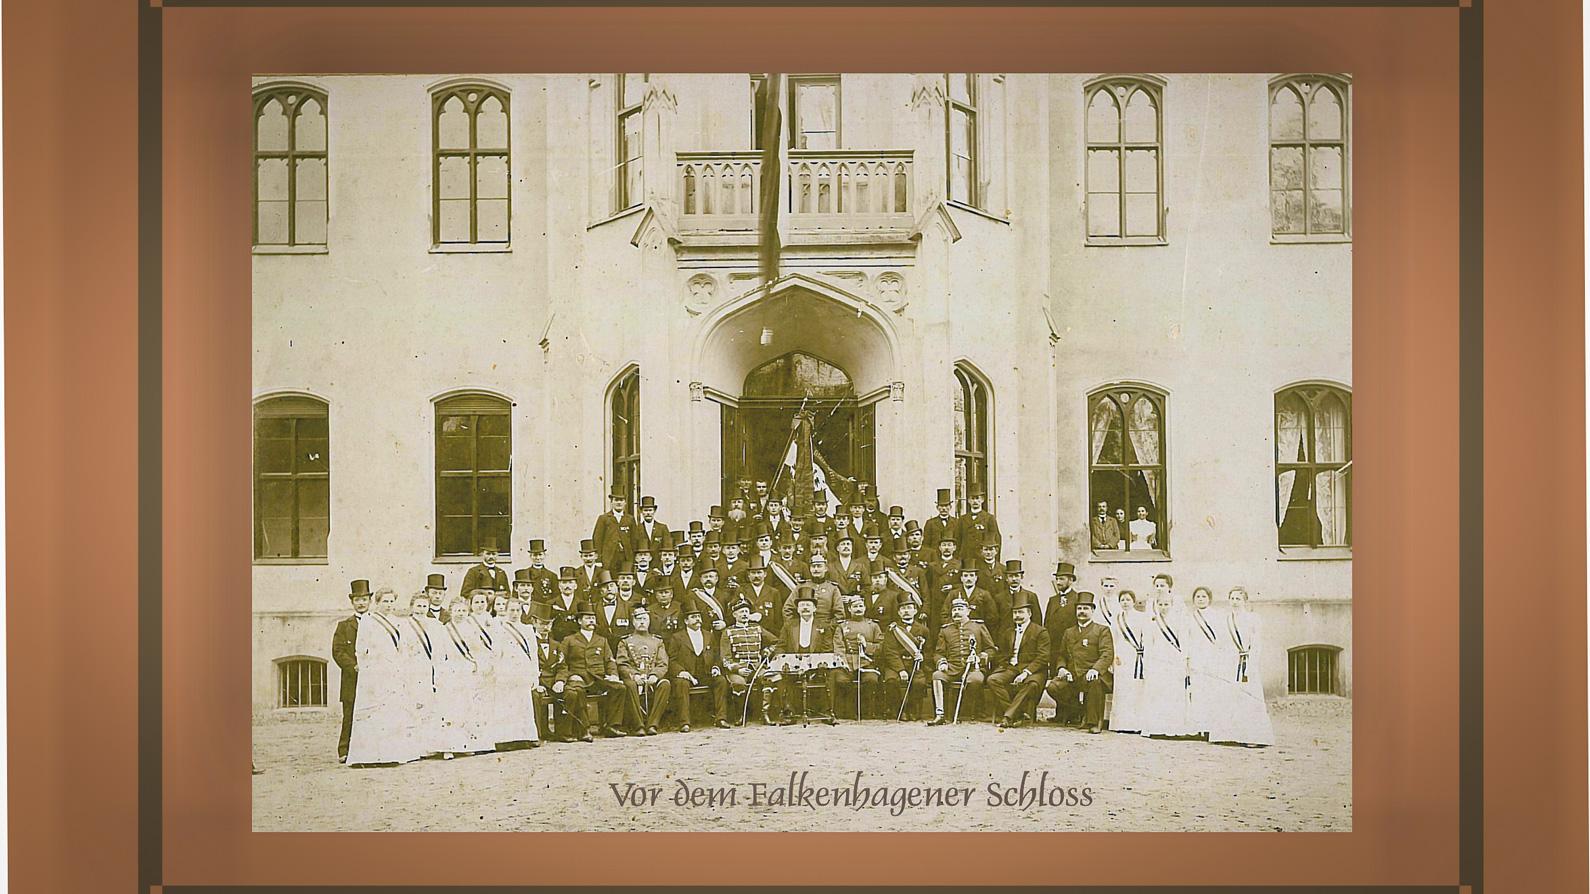 Foto-Gruppe-vor-dem-Schloss-Falkenhagen-1